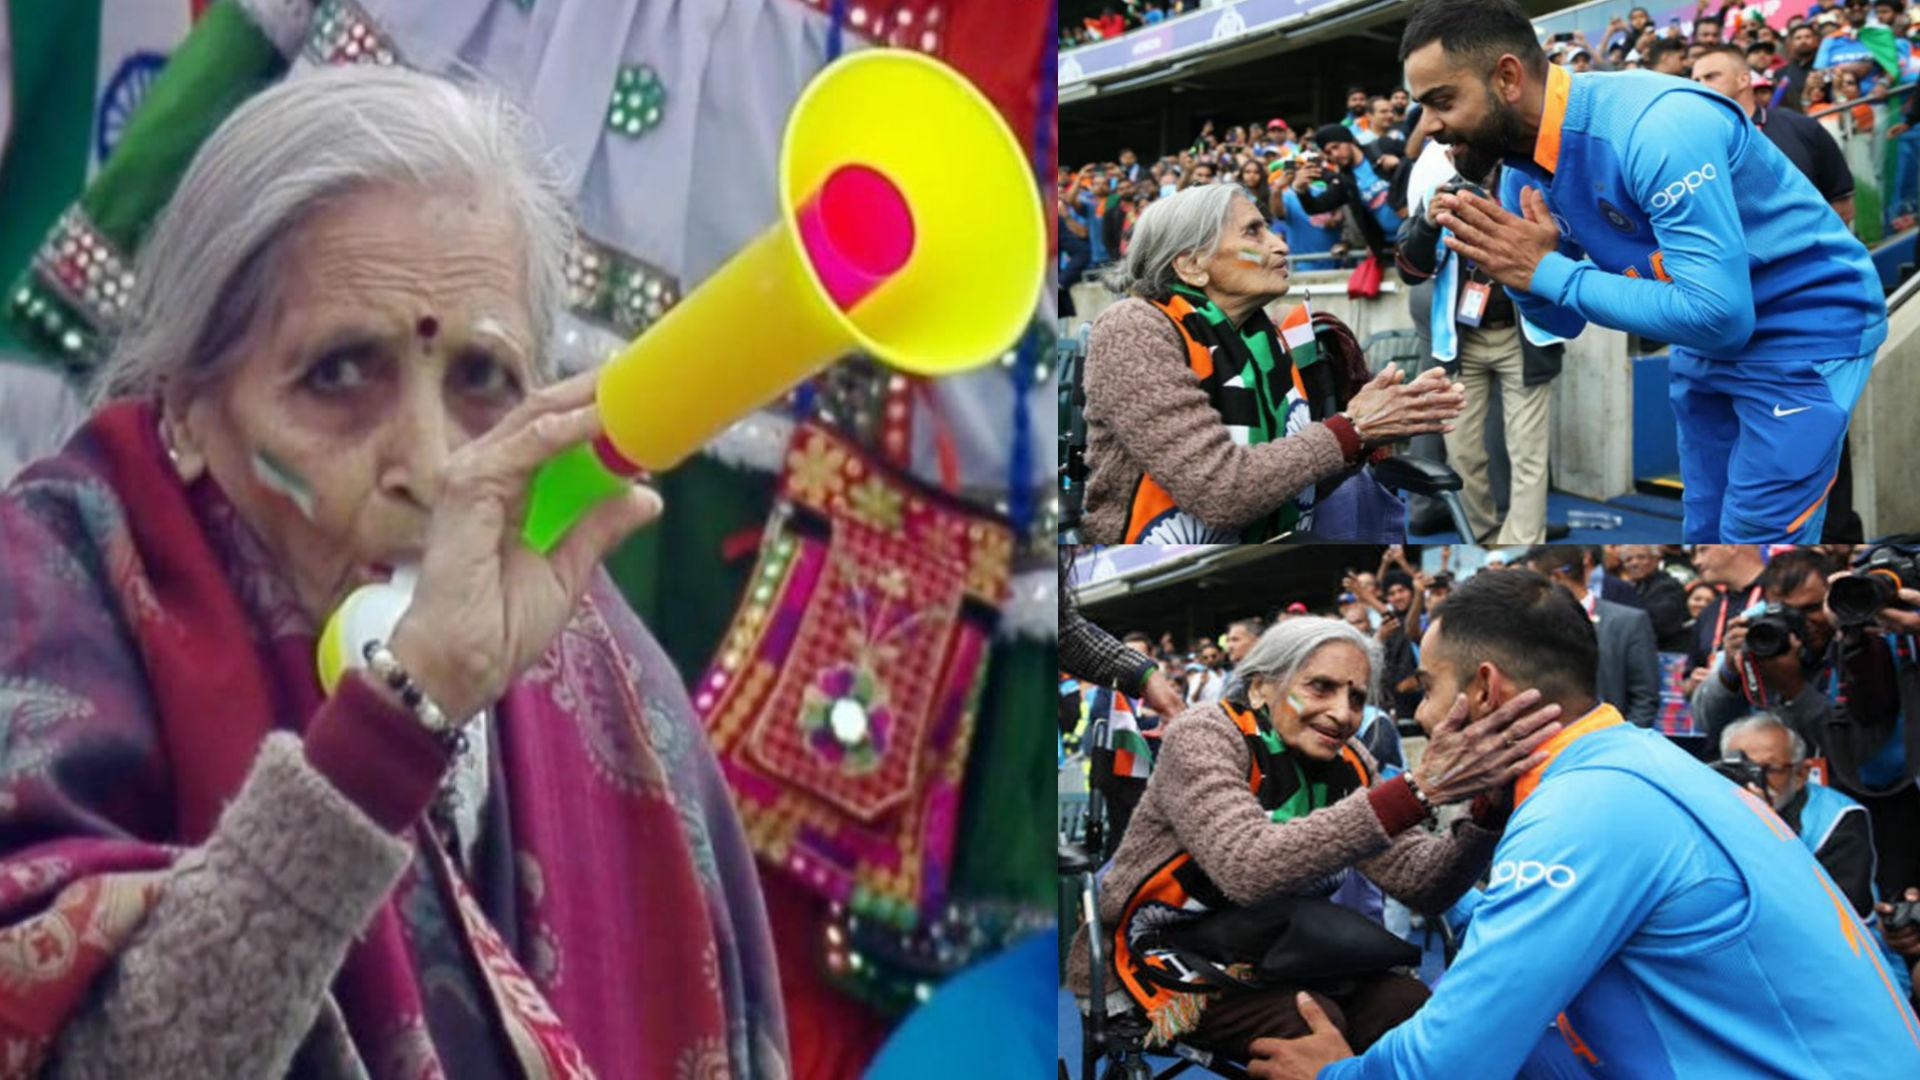 87 साल की चारुलता पटेल बनीं इंटरनेट सेंसेशन, मैच जीतने के बाद मिलने पहुंचे विराट कोहली-रोहित शर्मा